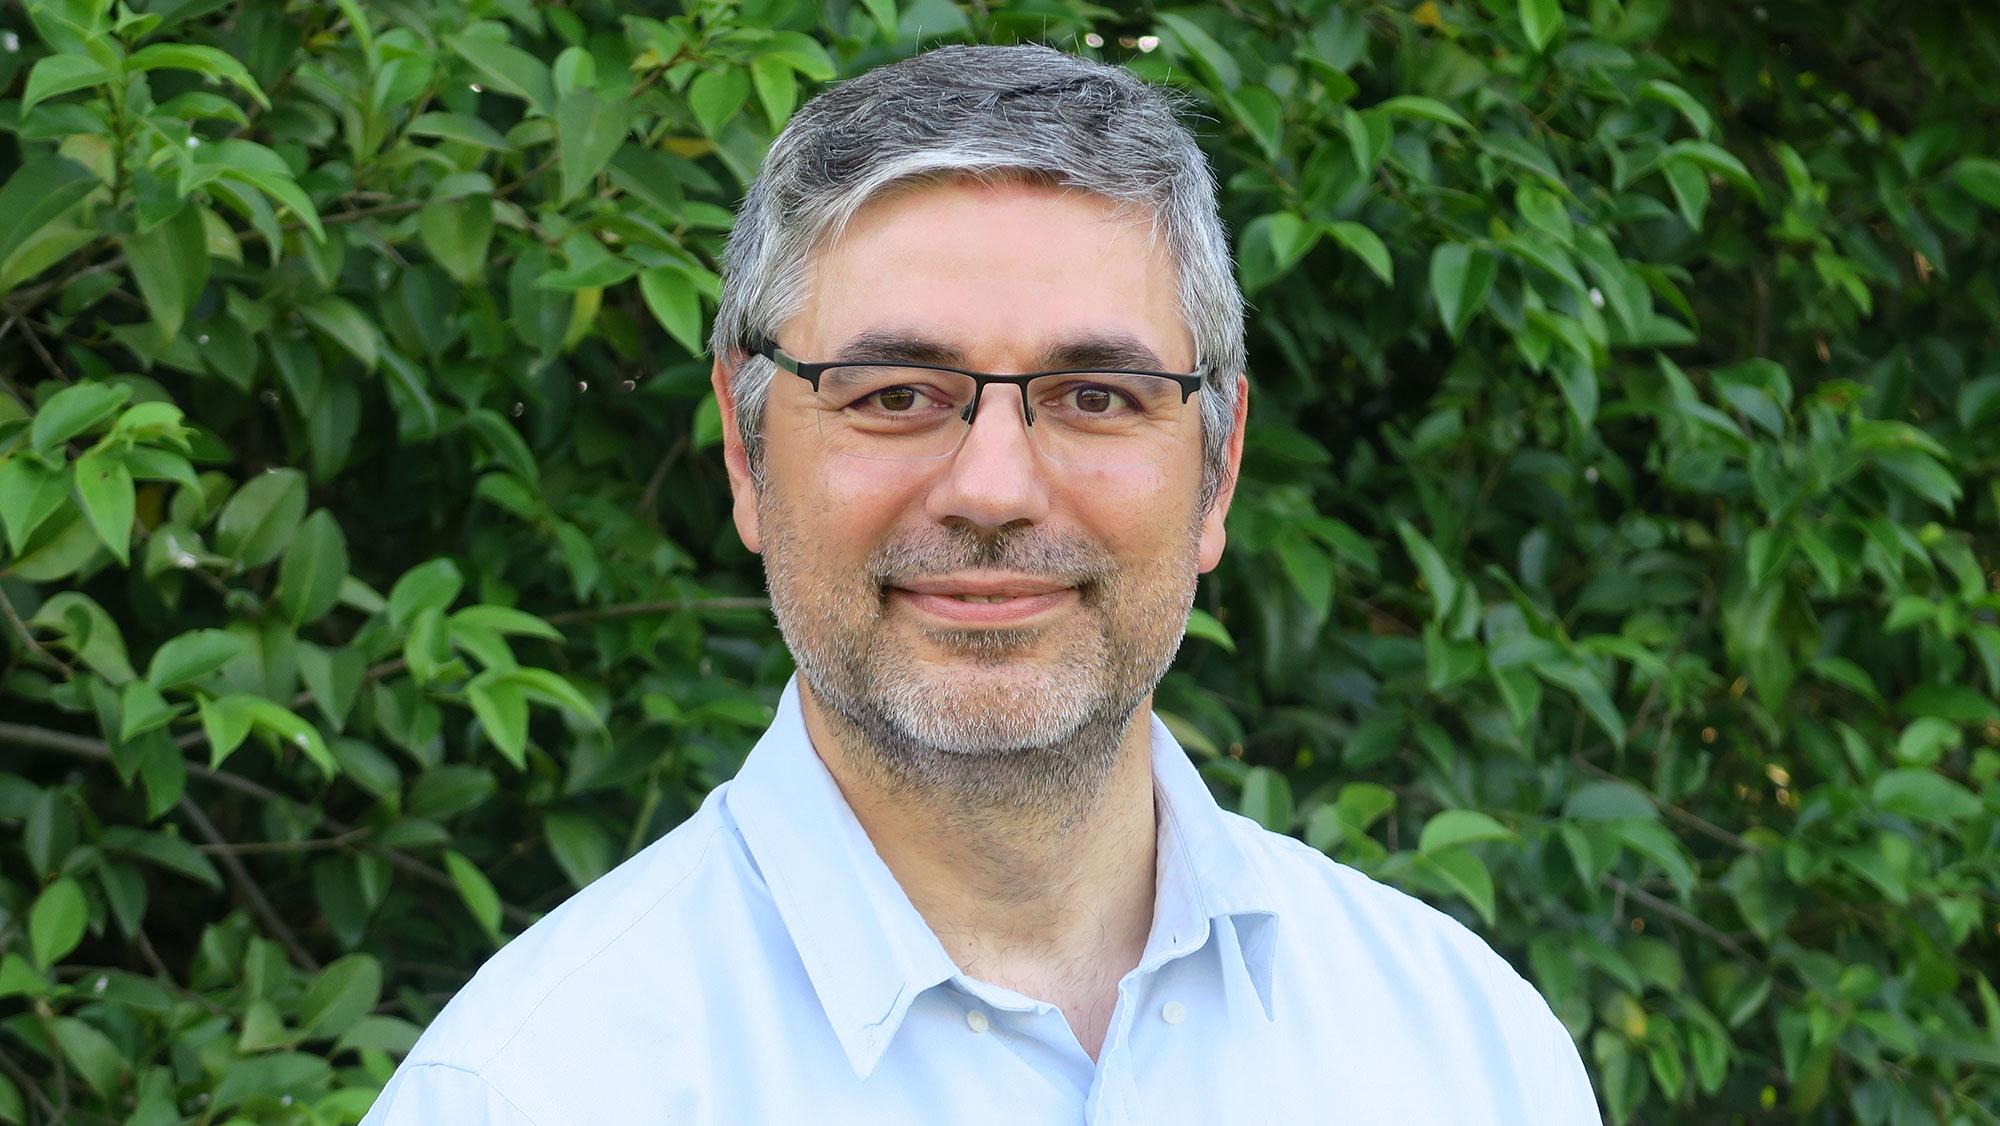 Hervé Millet vient d'être élu Président du Centre des Jeunes Dirigeants d'Avignon